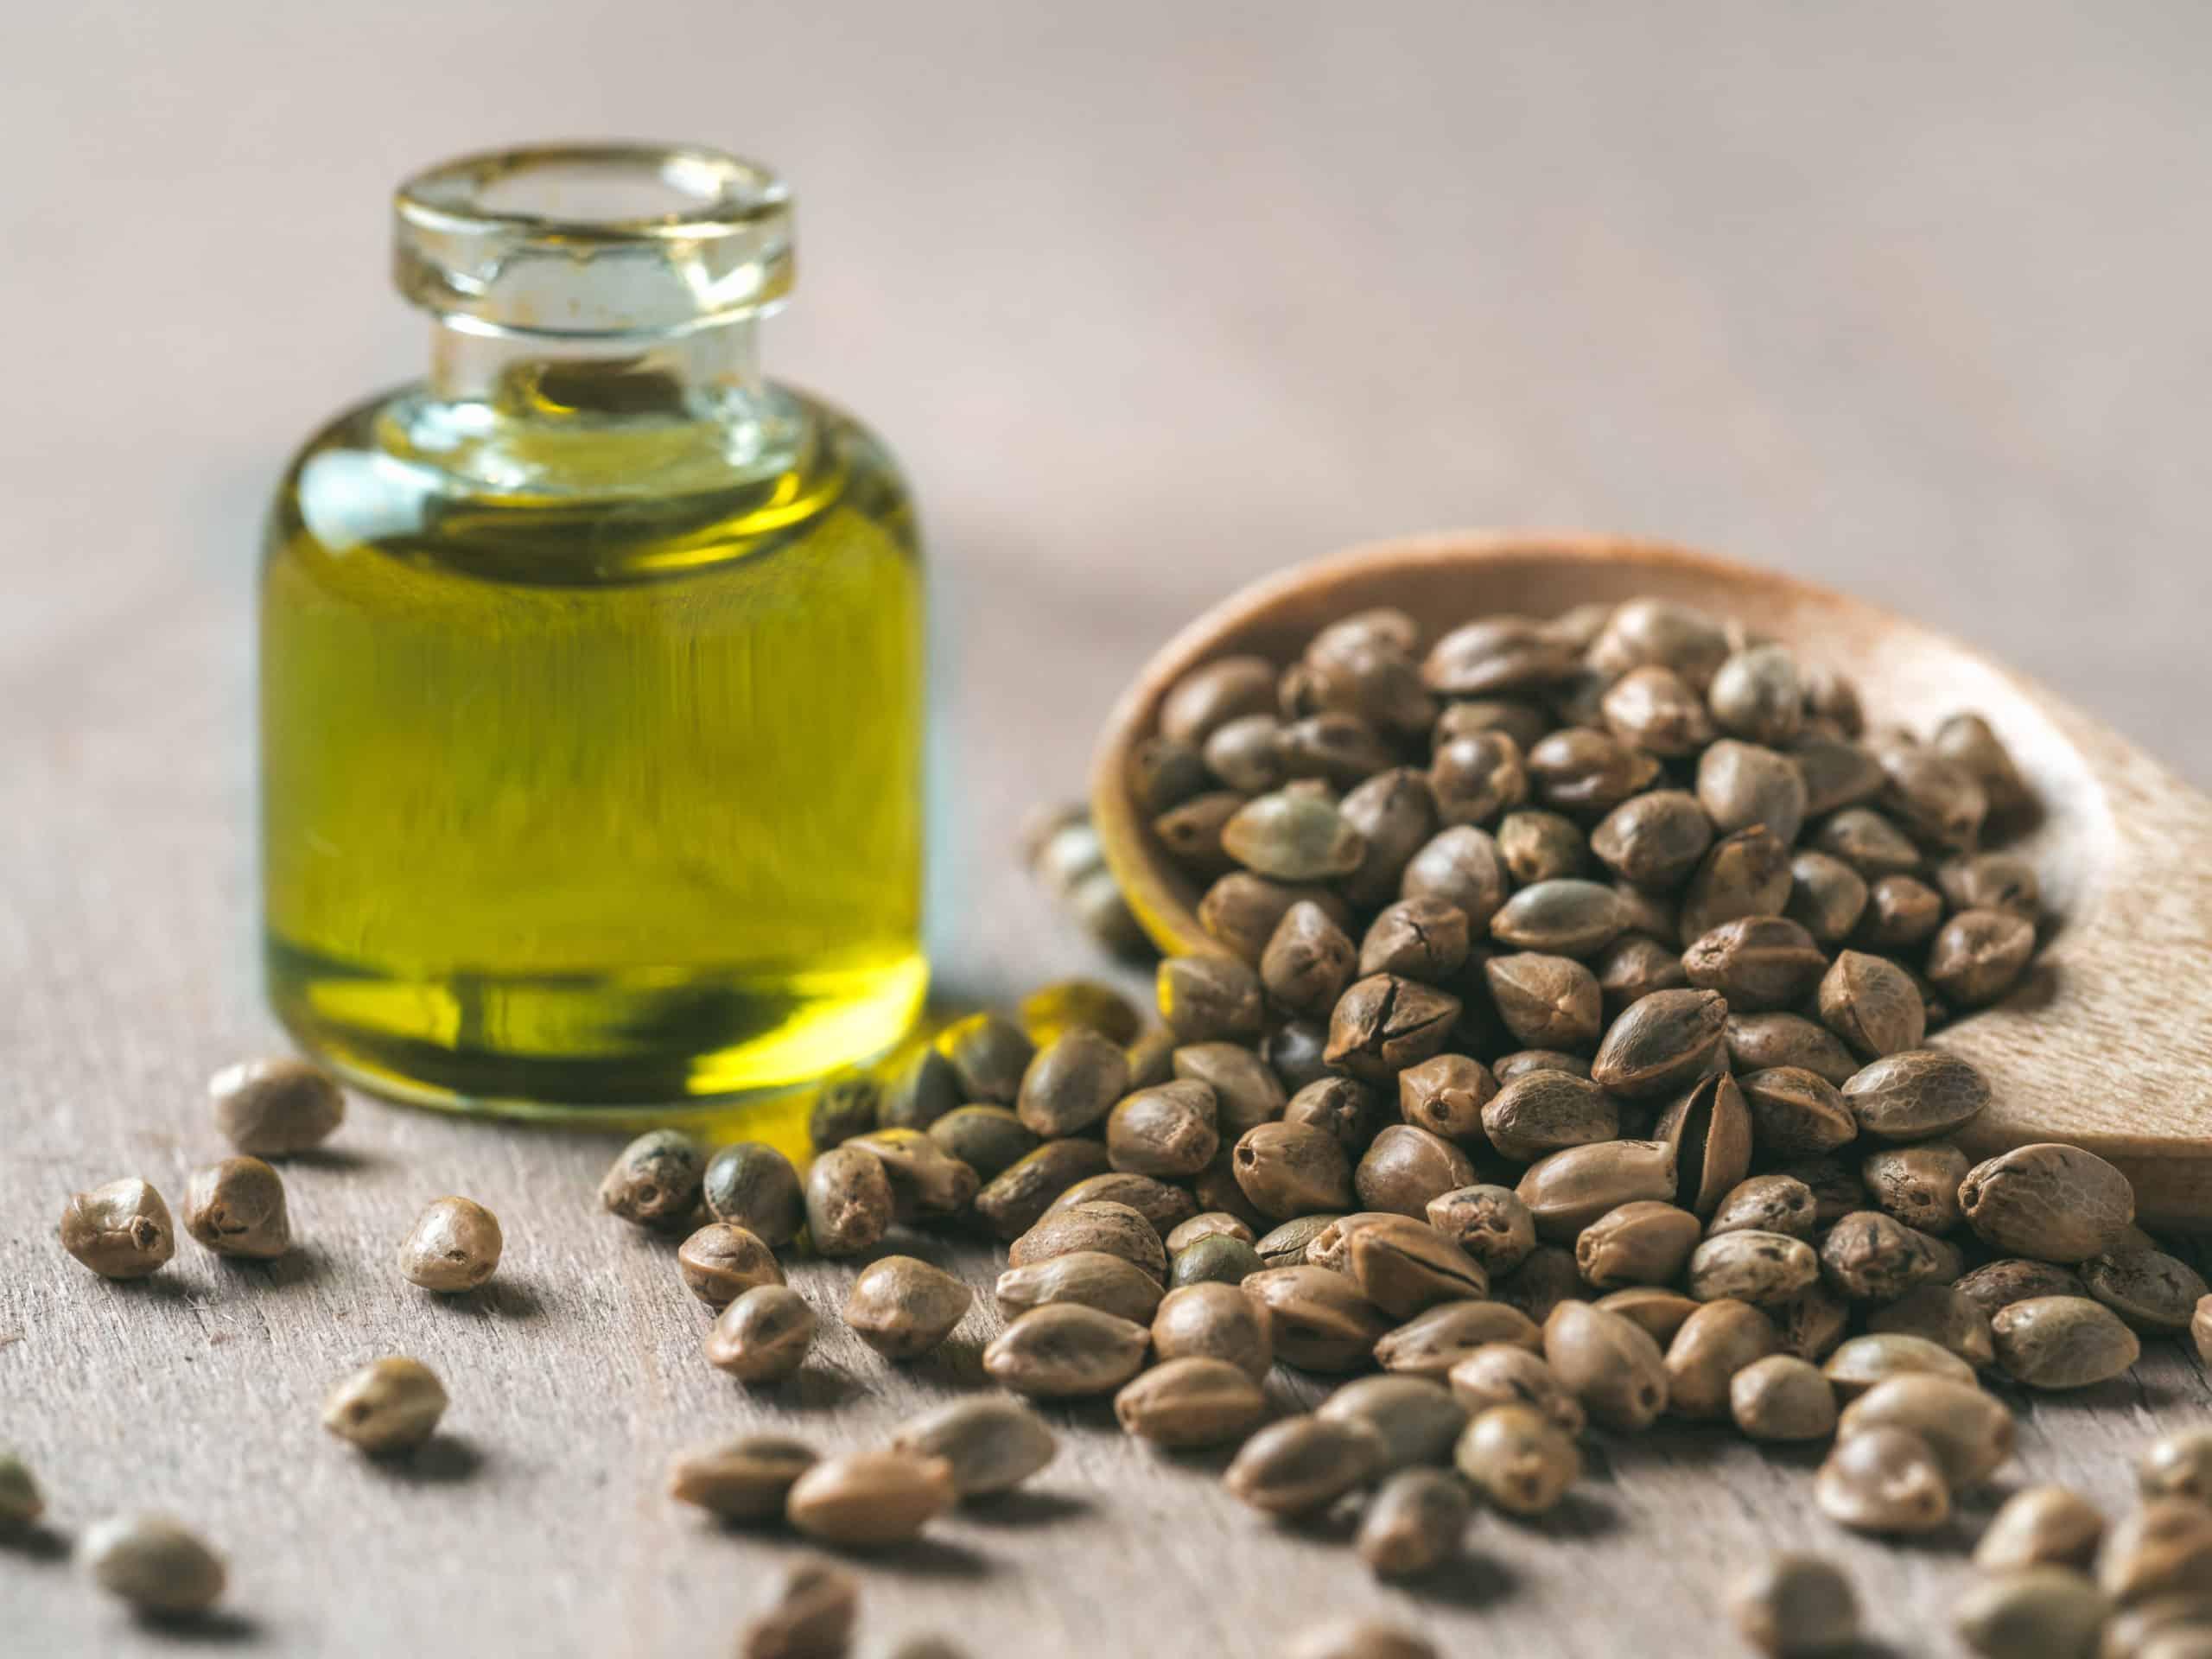 Hanföl wird in bestimmten Fällen eine medizinische Wirkung zugesprochen.